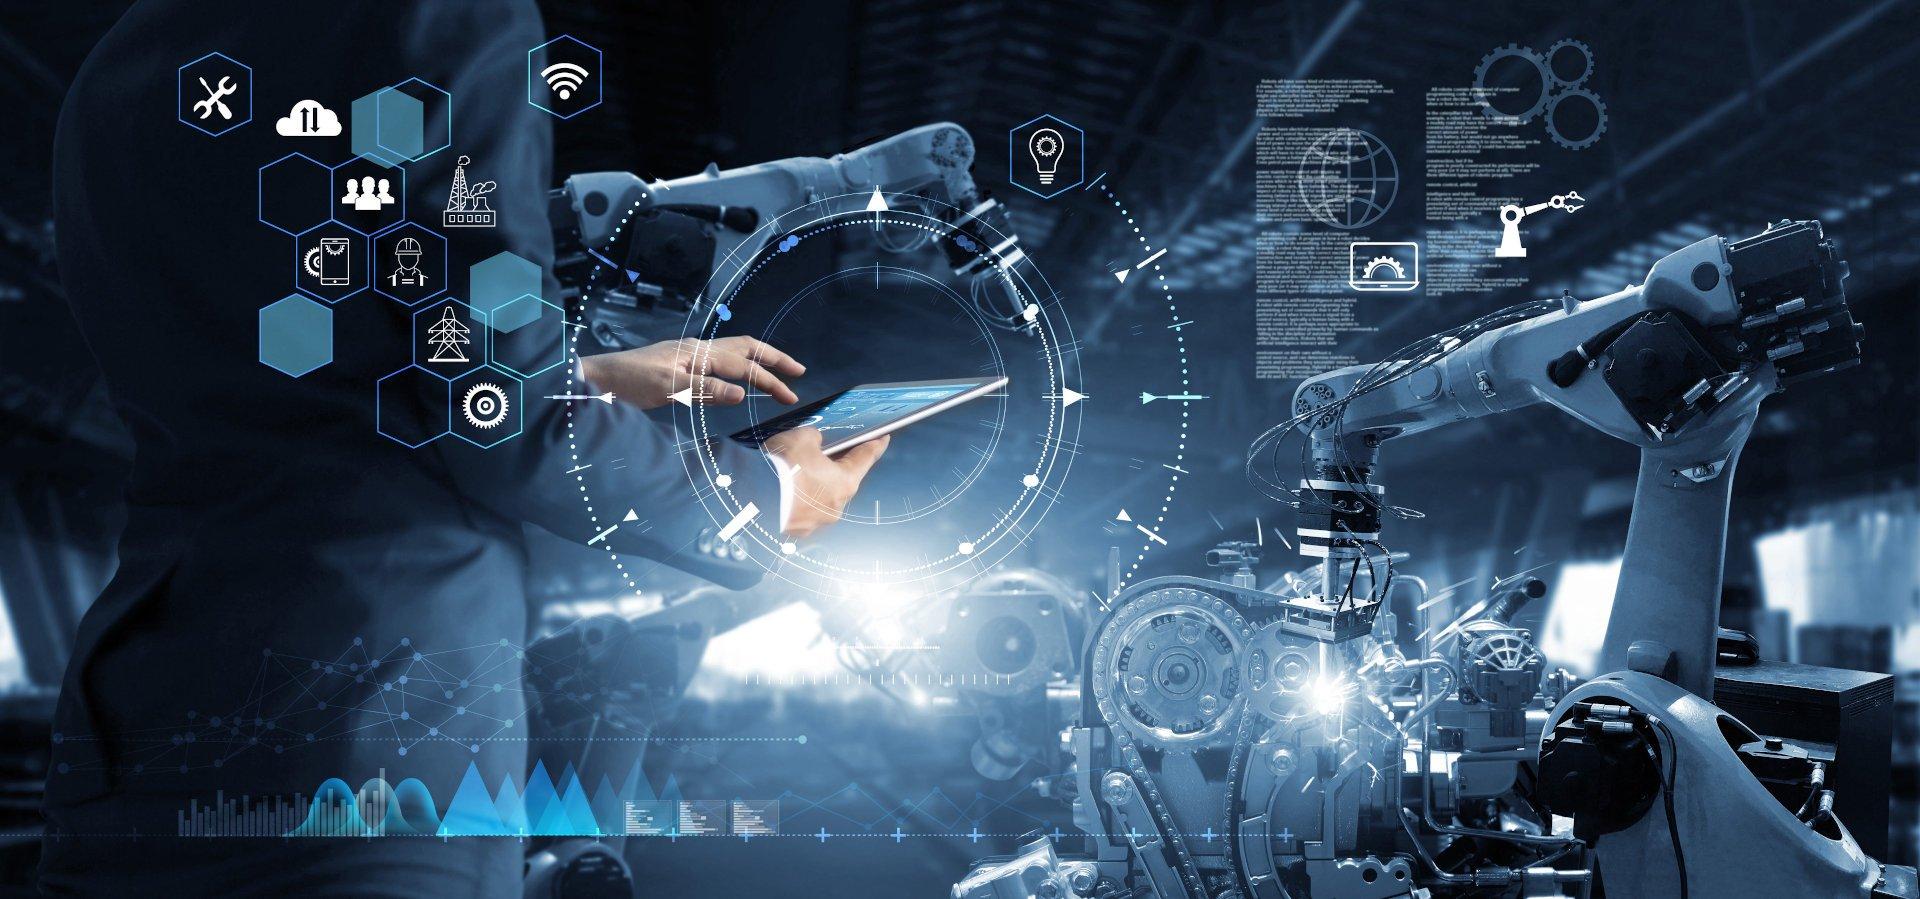 cbrs-msft-robotic-enterprise-automation